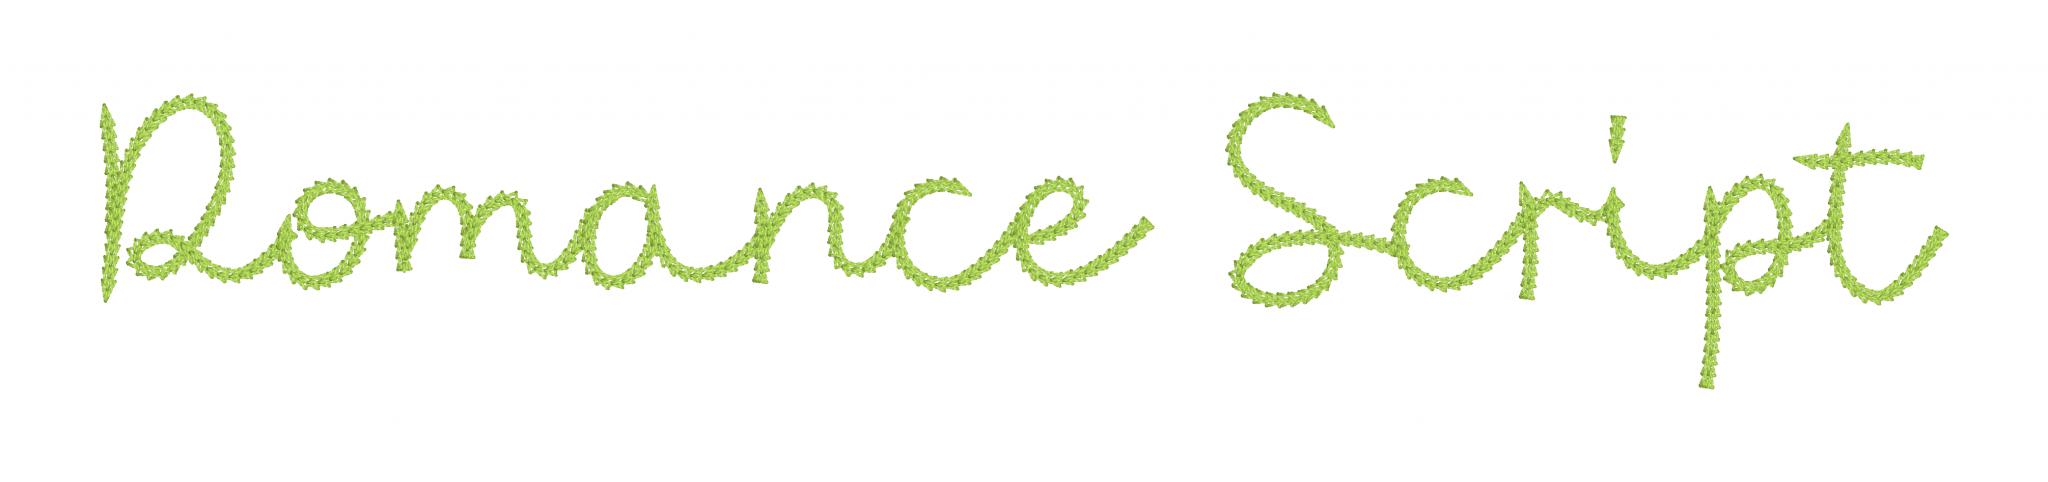 Romance Chain Stitch Script Example in Native Embrilliance Script Fonts